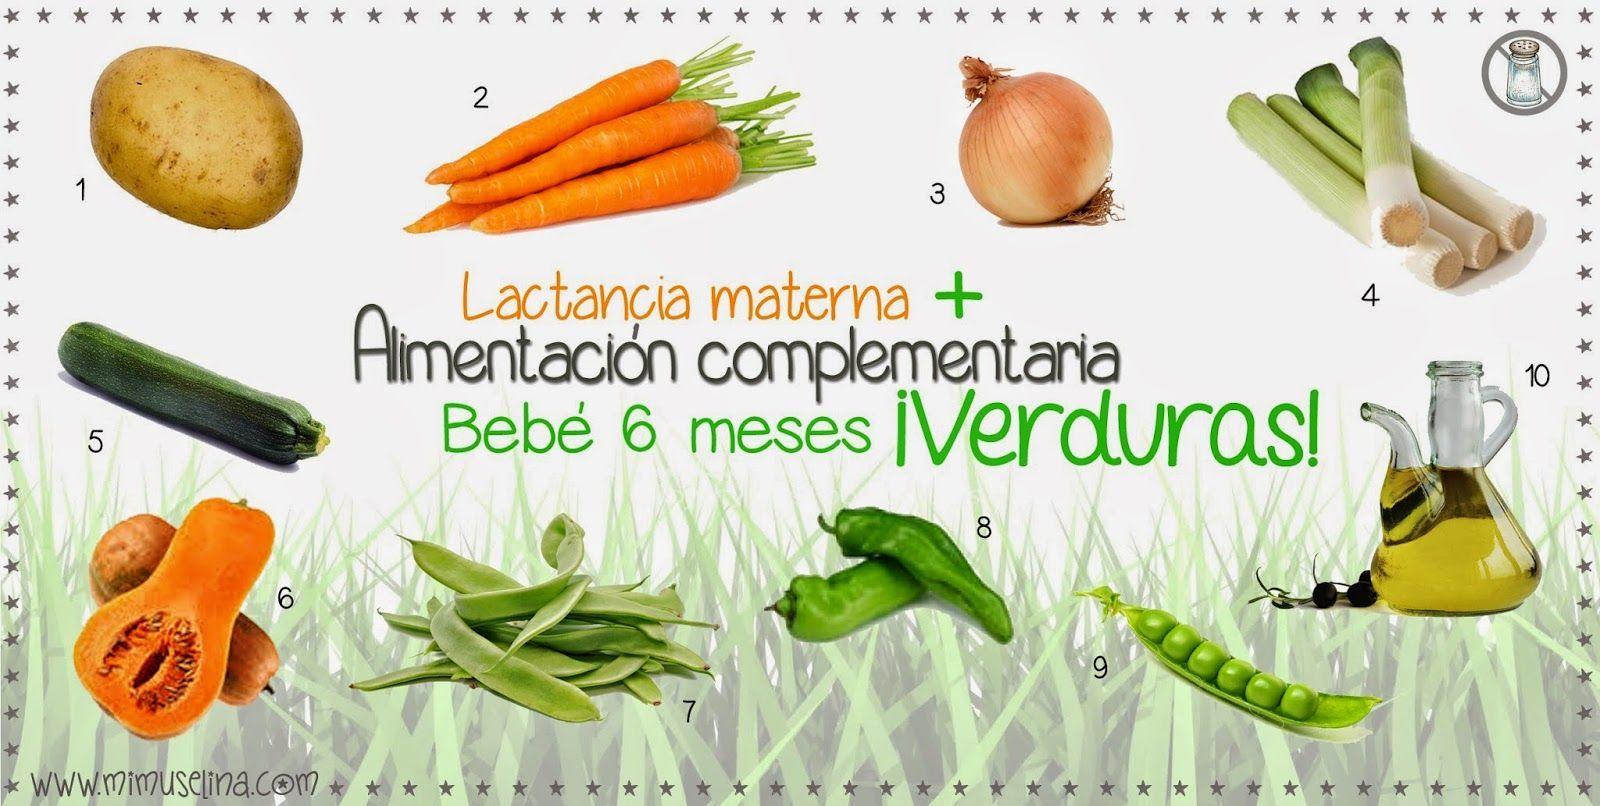 Introduccion De Las Verduras Alimentacion Complementaria Del Bebe